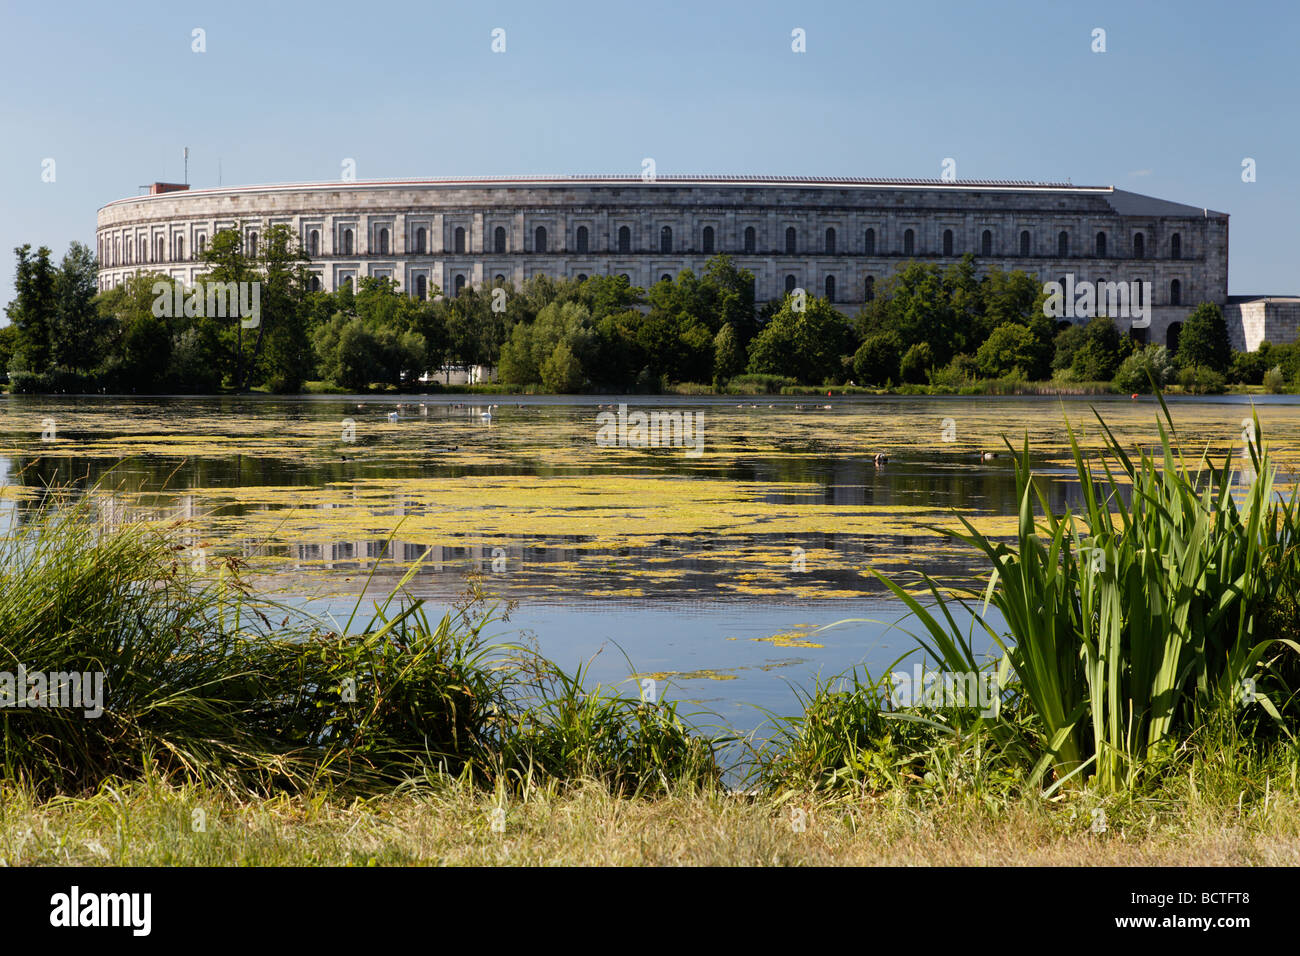 Kongresshalle congress hall, unfinished, monumental building, Grosser Dutzendteich pond, Reichsparteitagsgelaende - Stock Image